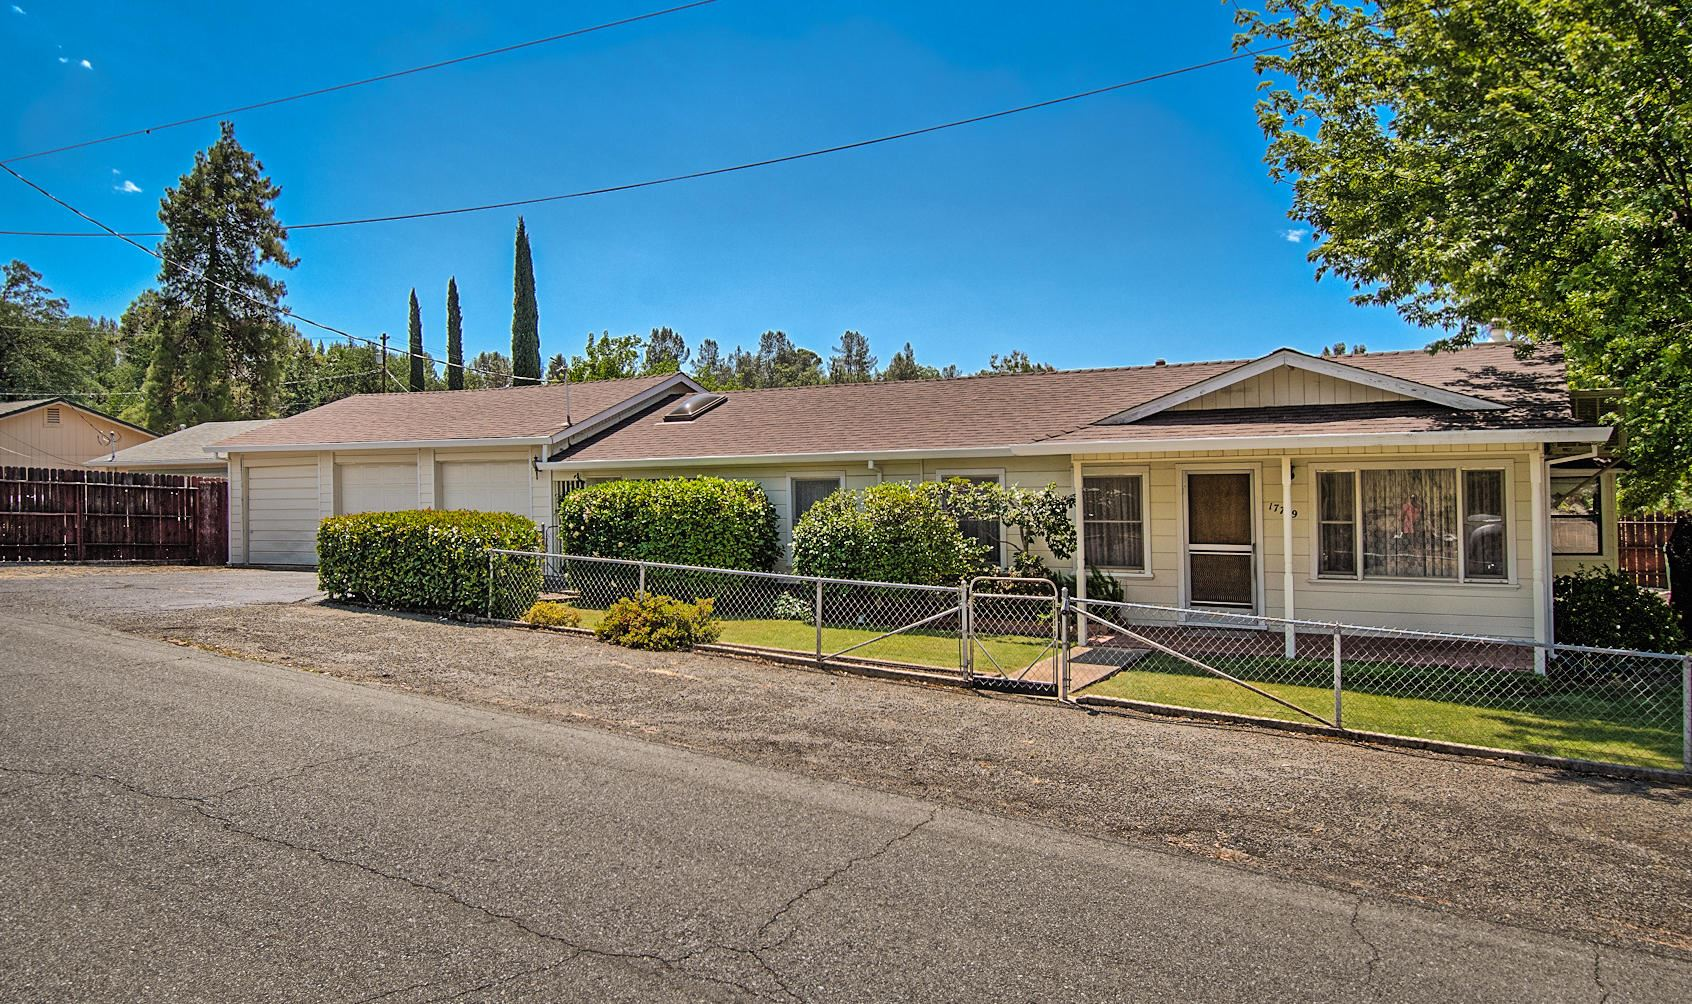 Photo of 17779 Pine Ave, Shasta Lake, CA 96019 (MLS # 21-2906)